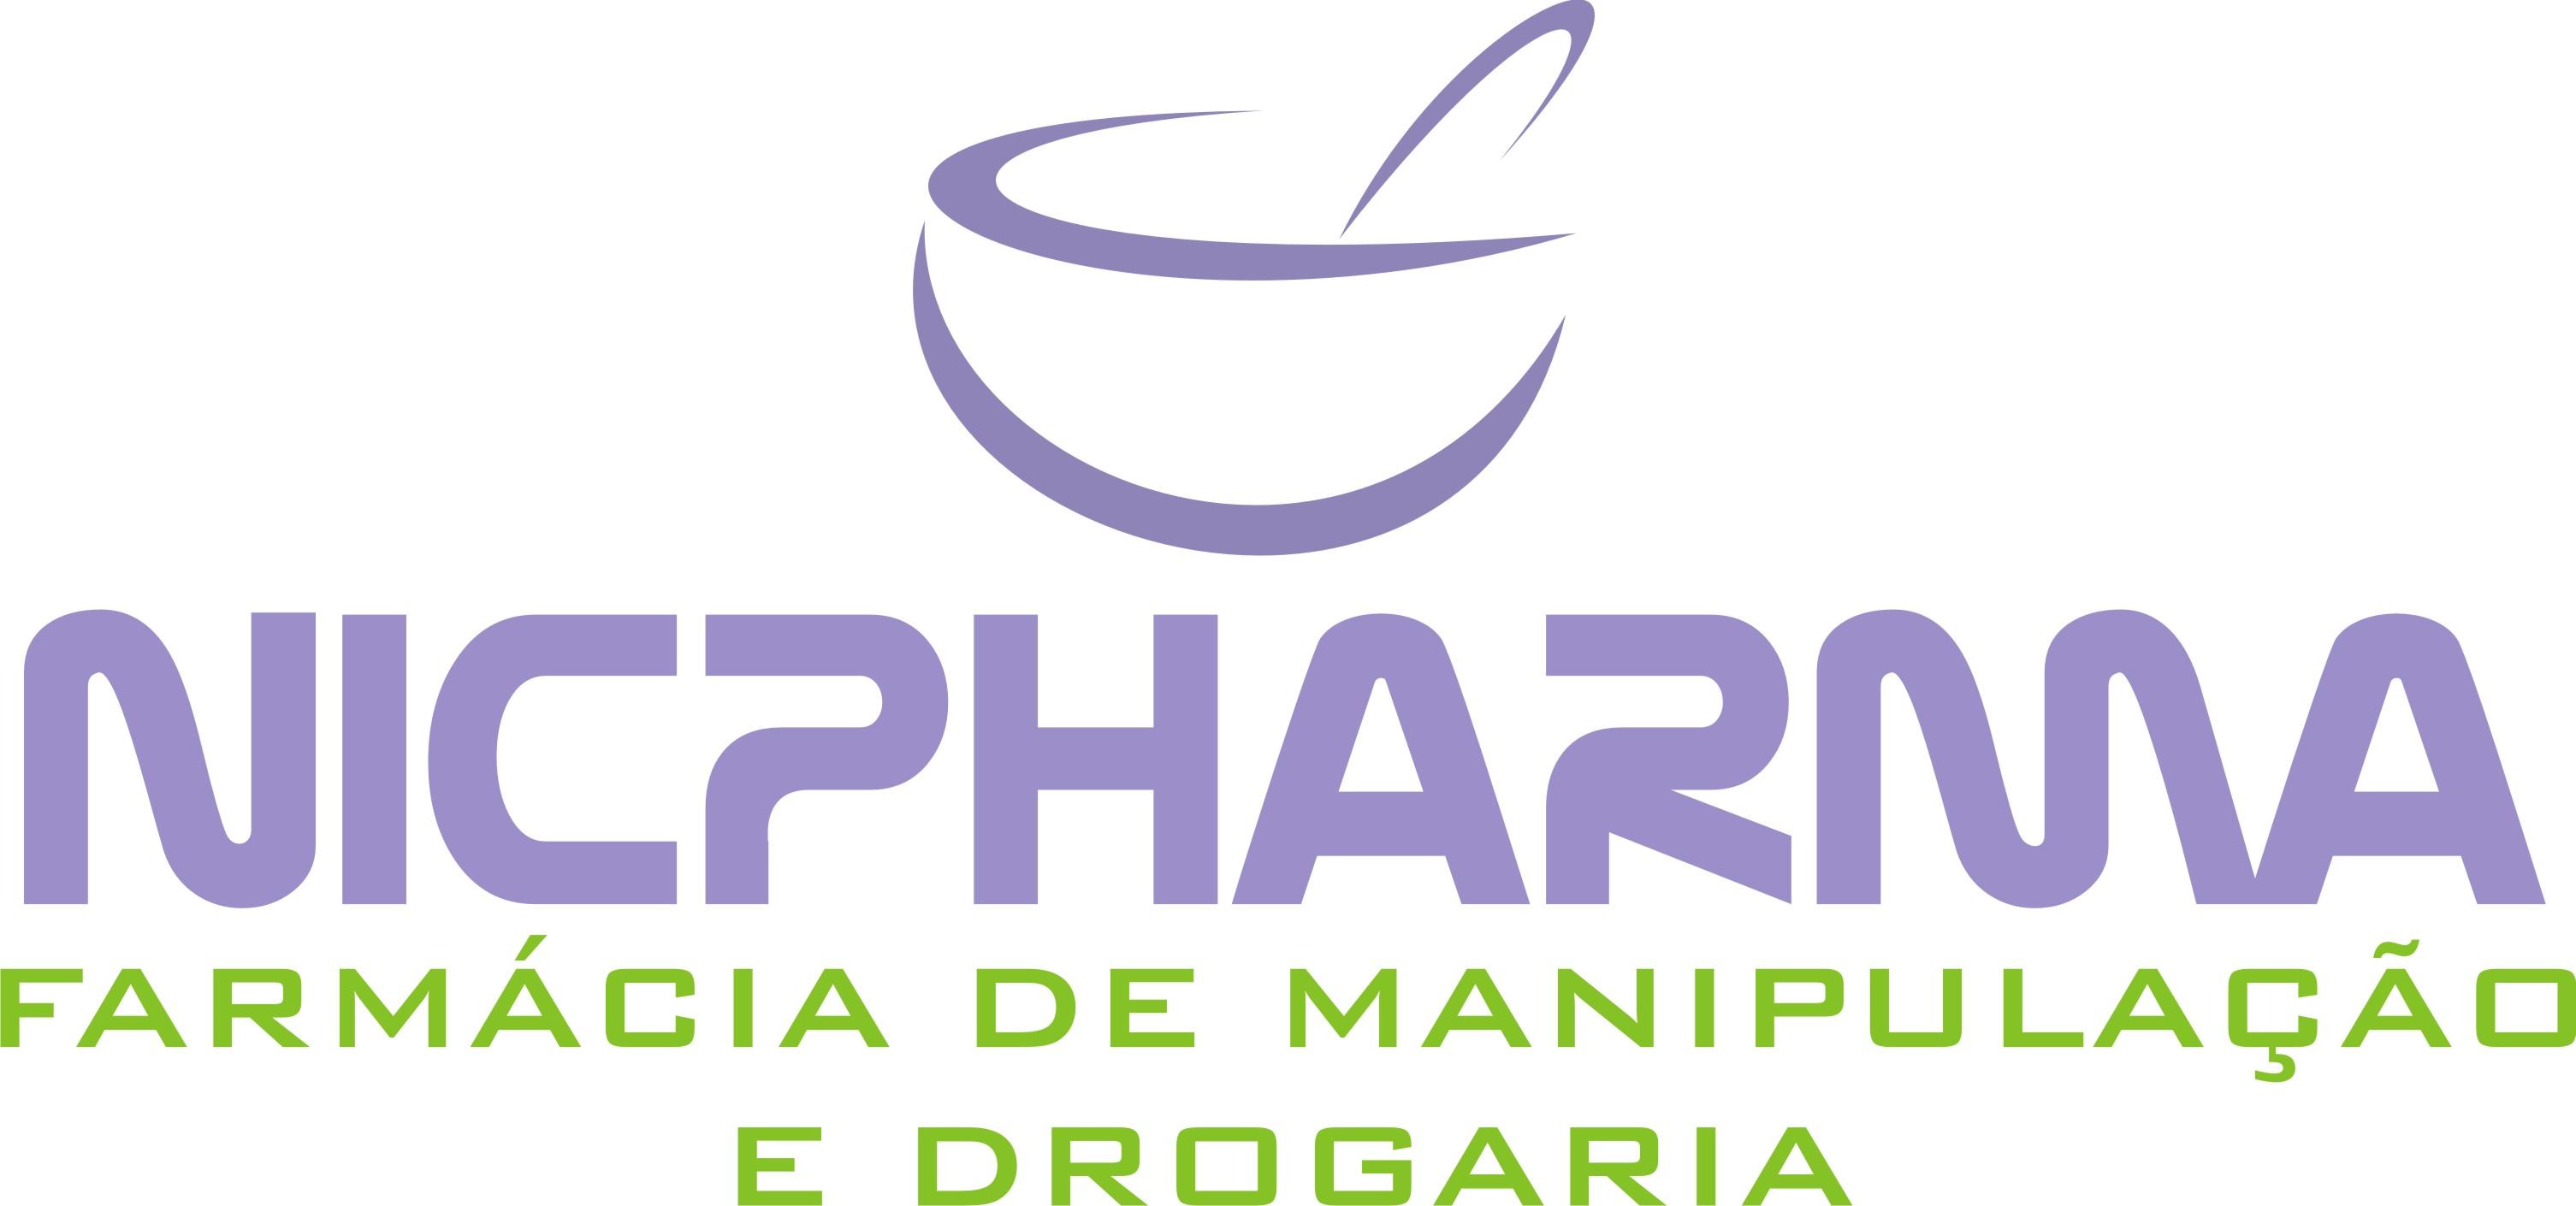 Logo de NICPHARMA